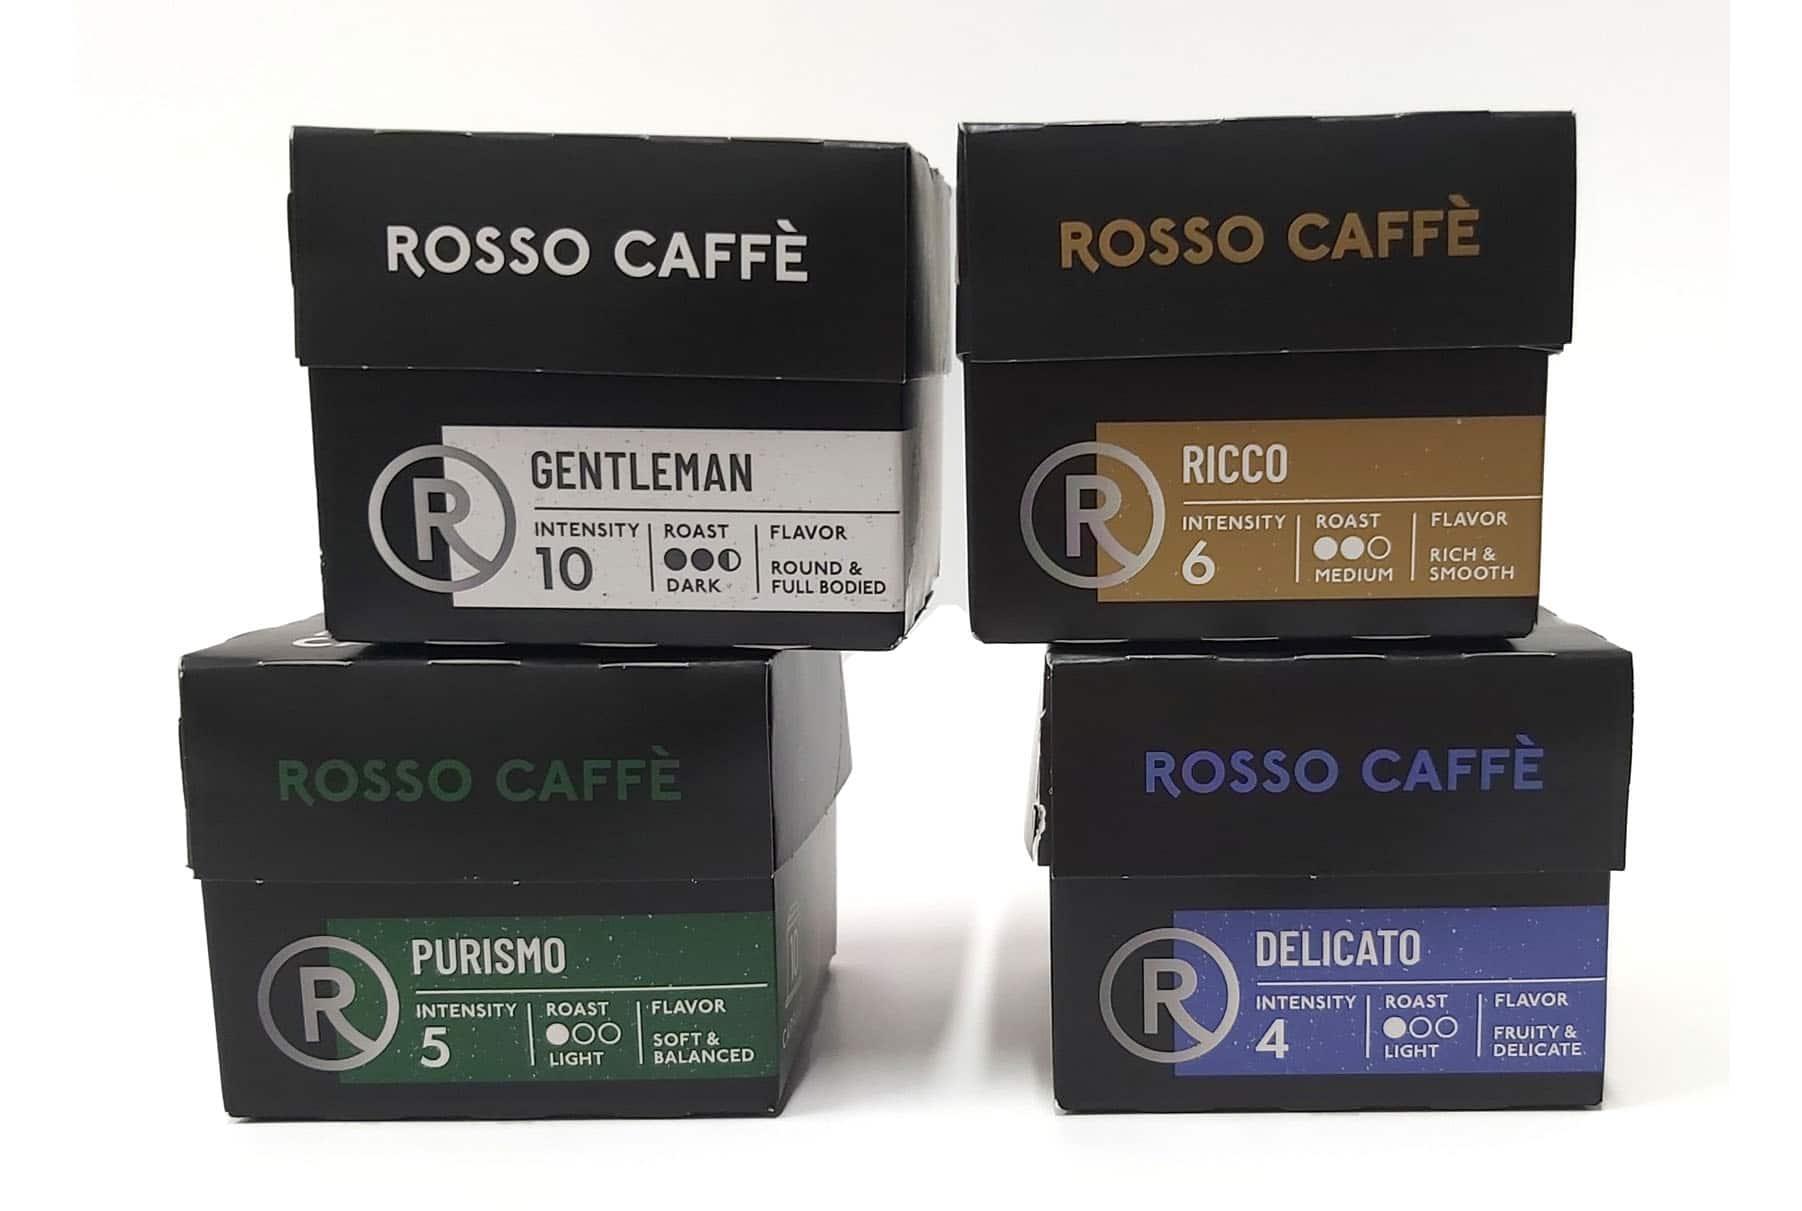 עיצוב אריזות לקפסולות קפה - ROSSO CAFE. המארזים עשויים מקרטון קשיח בצבע שחור עם תוויות שמציין את עוצמת הקפה.